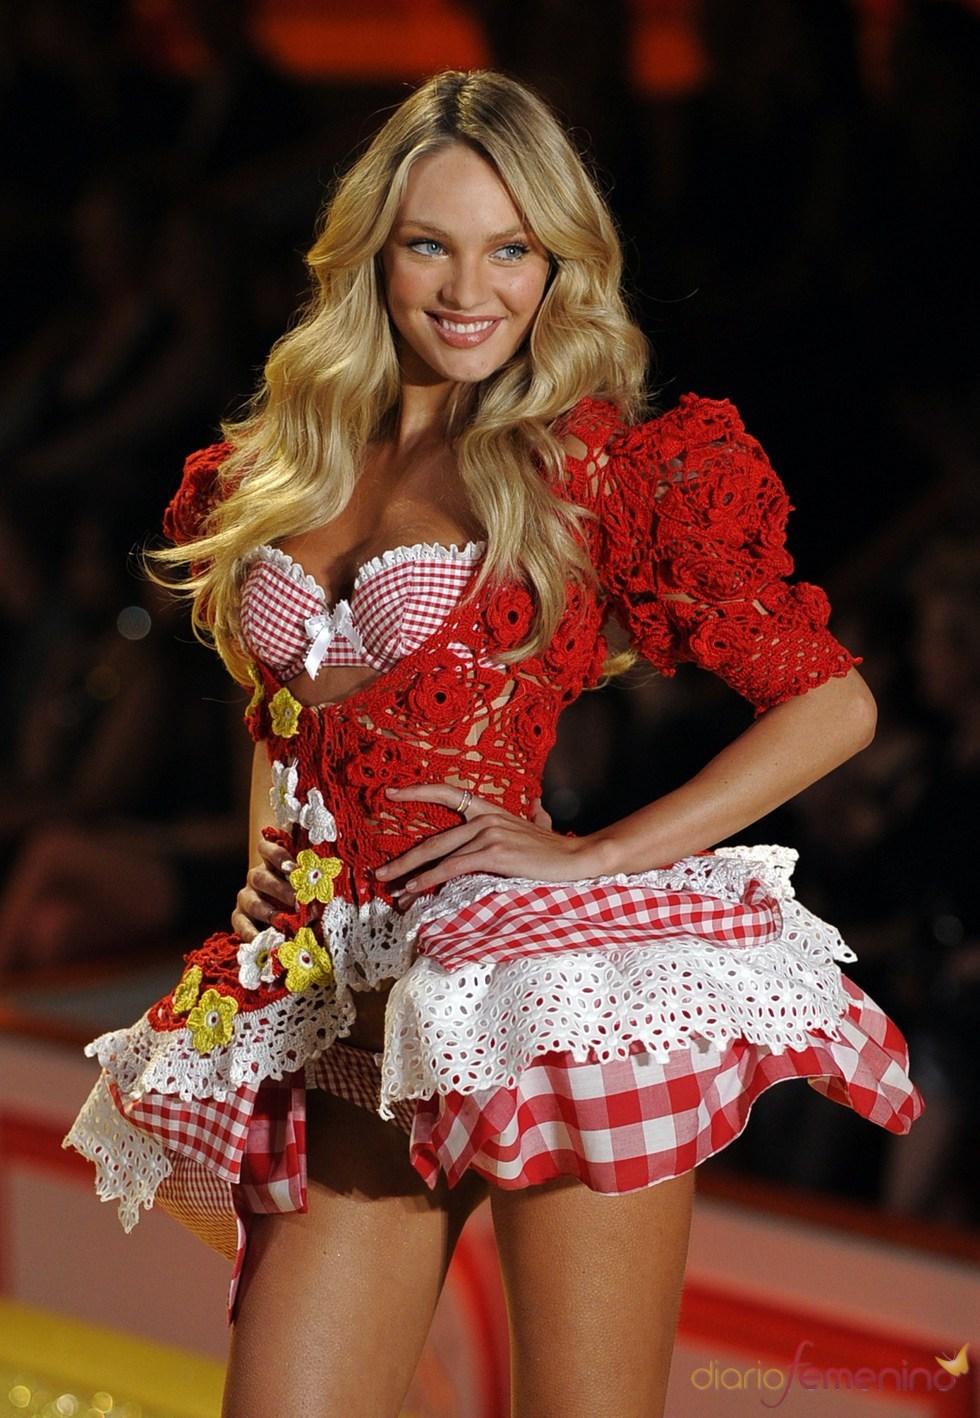 Rosie Huntington muestra sus encantos en la pasarela de Victoria's Secret